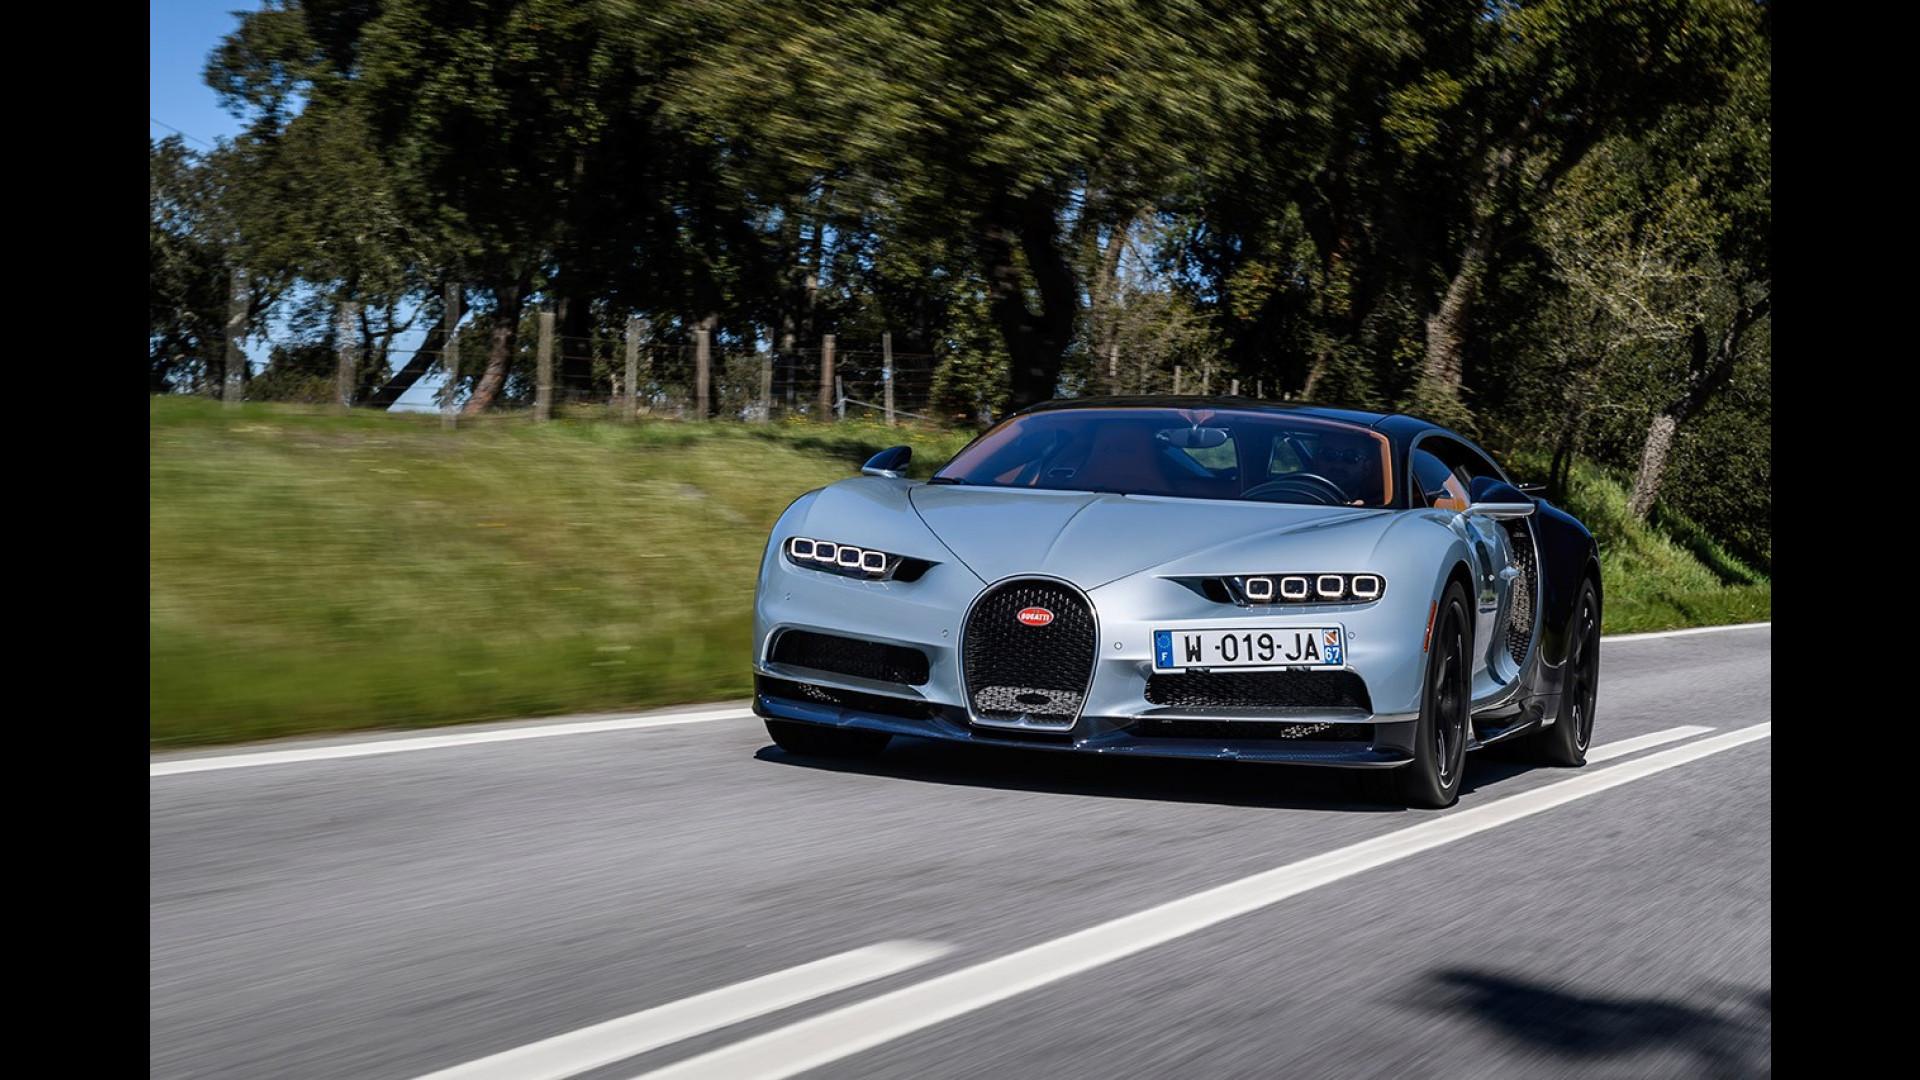 Bugatti Divo 5 Milioni Piu Tasse Per Averne Una Motor1 Com Italia